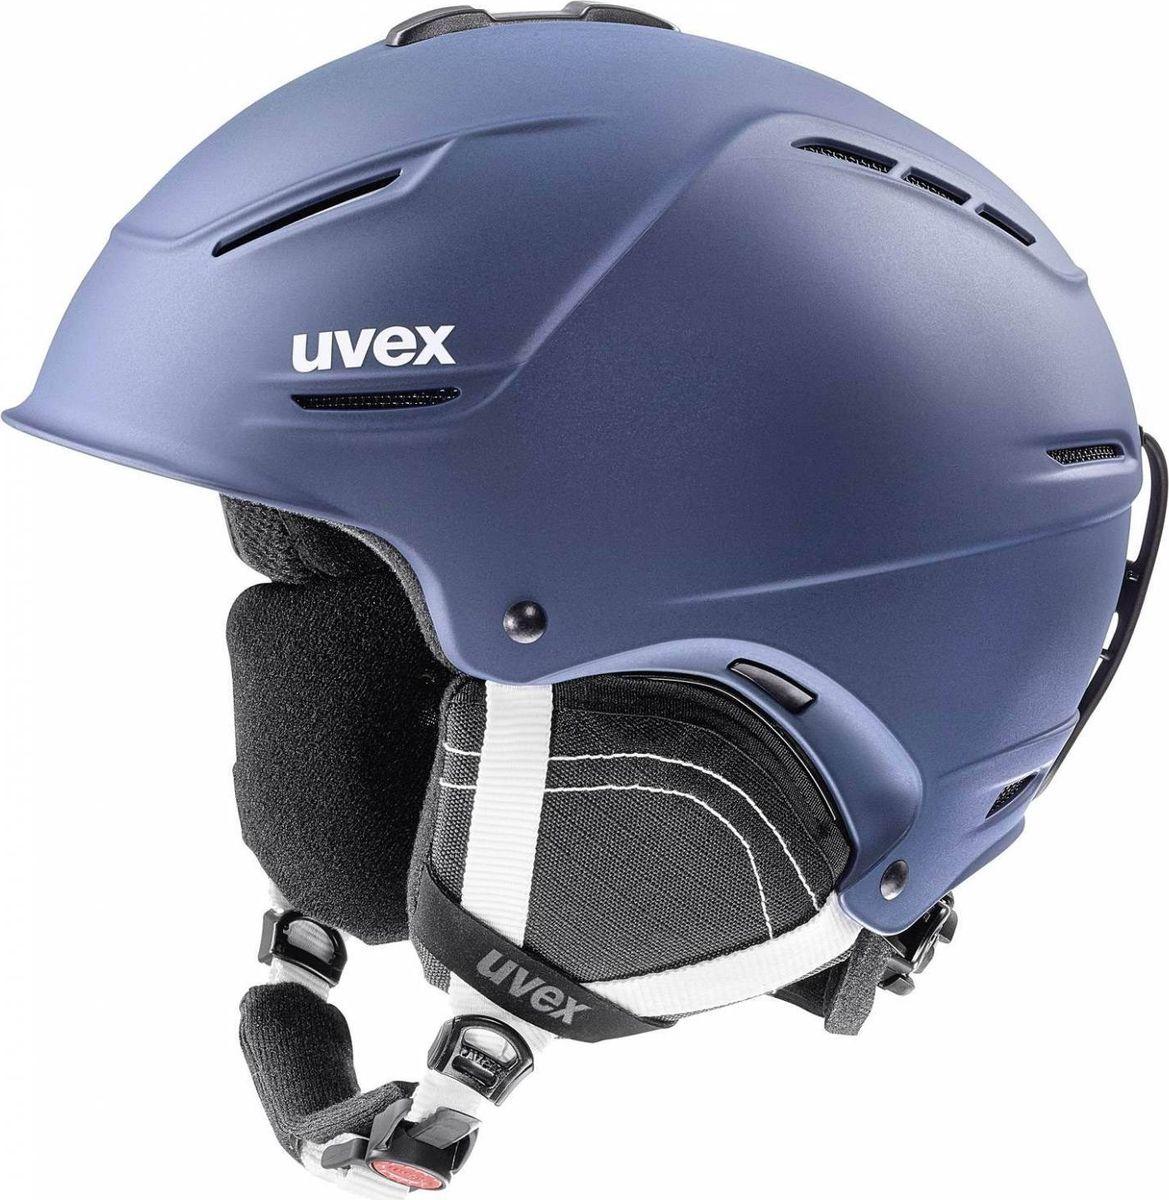 Шлем горнолыжный Uvex  P1us 2.0 Helmet , цвет: синий матовый. Размер 52/55 - Горные лыжи